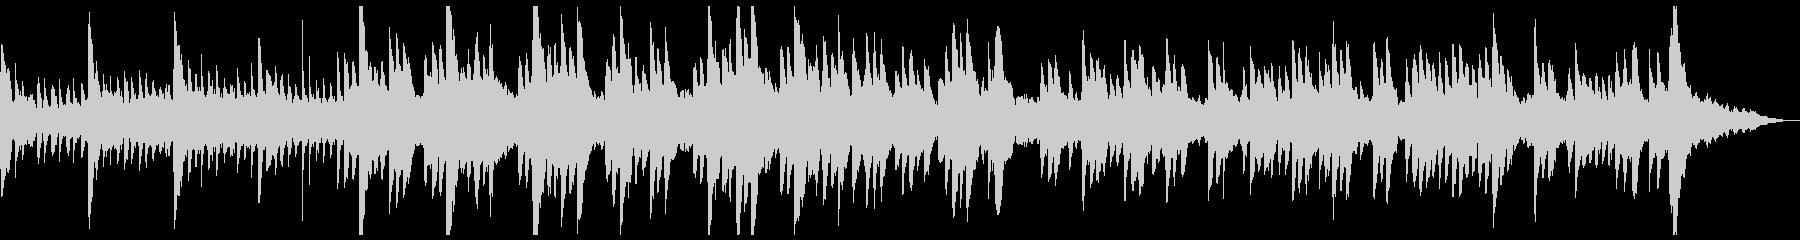 神秘的なファンタジー シンセ ピアノ曲 の未再生の波形